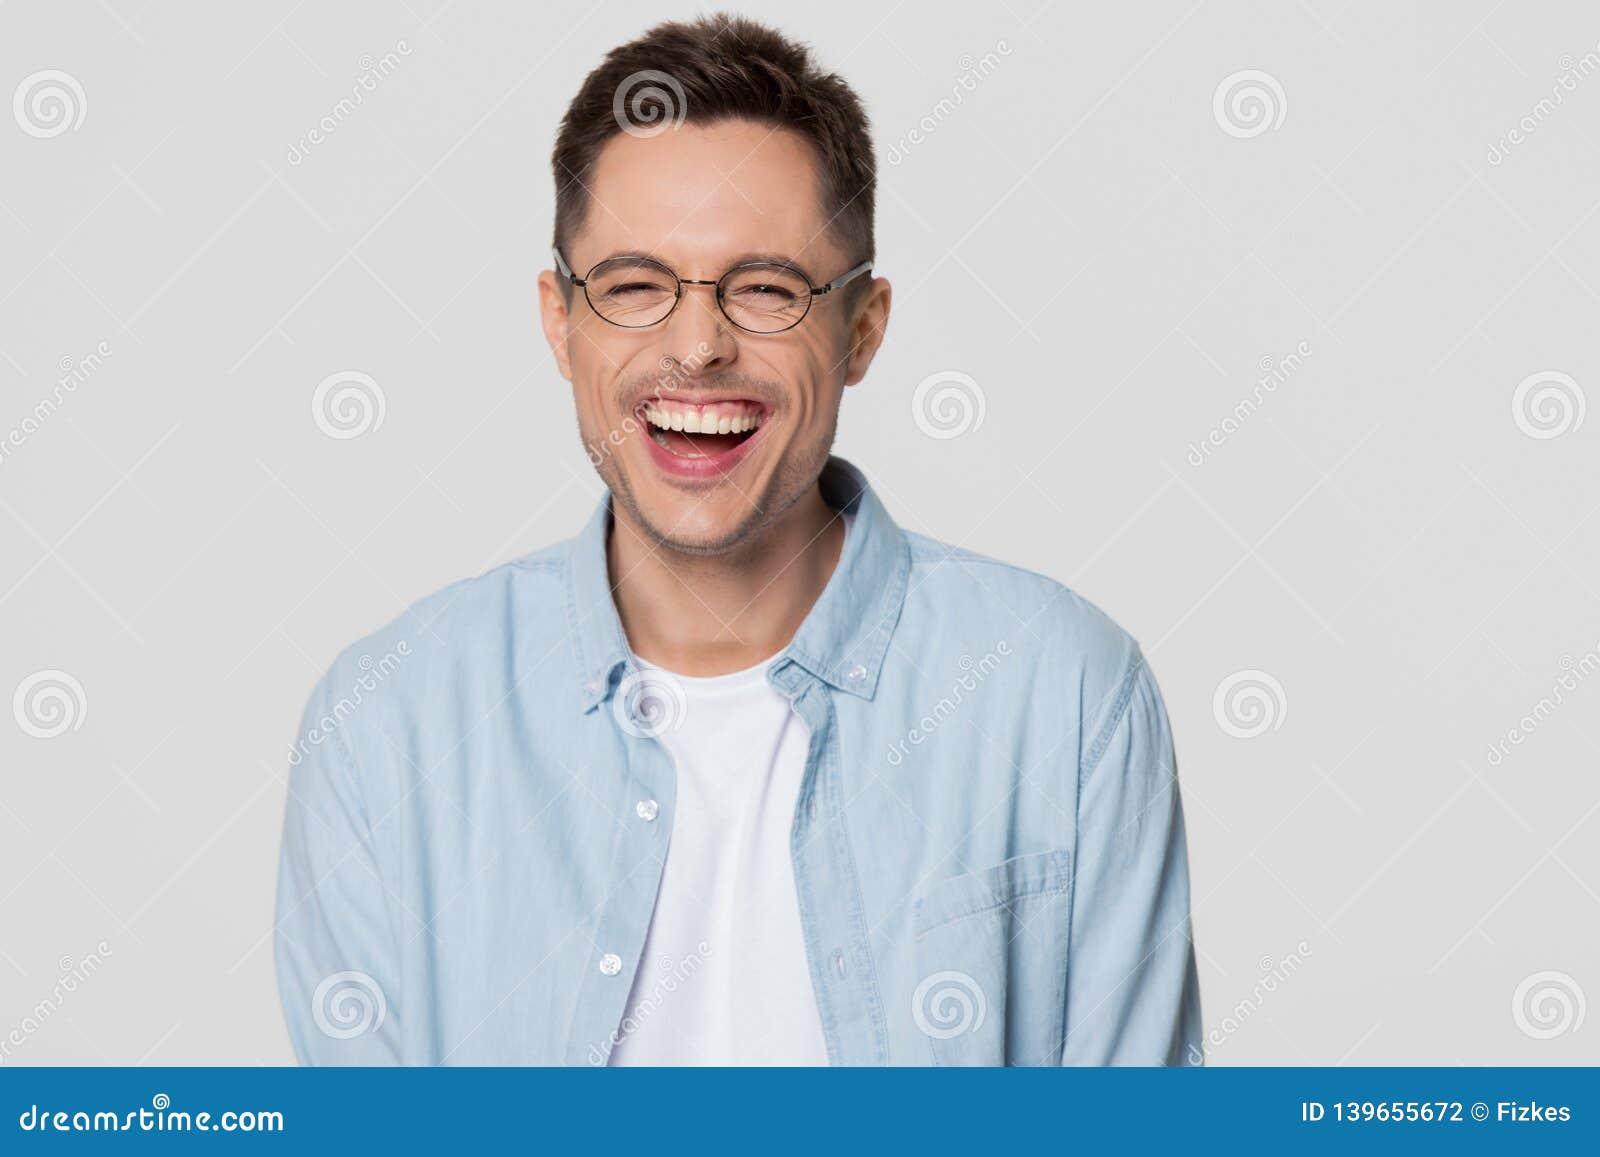 Jokes & Pranks Geek Glasses with Teeth and Bowtie fun glasses